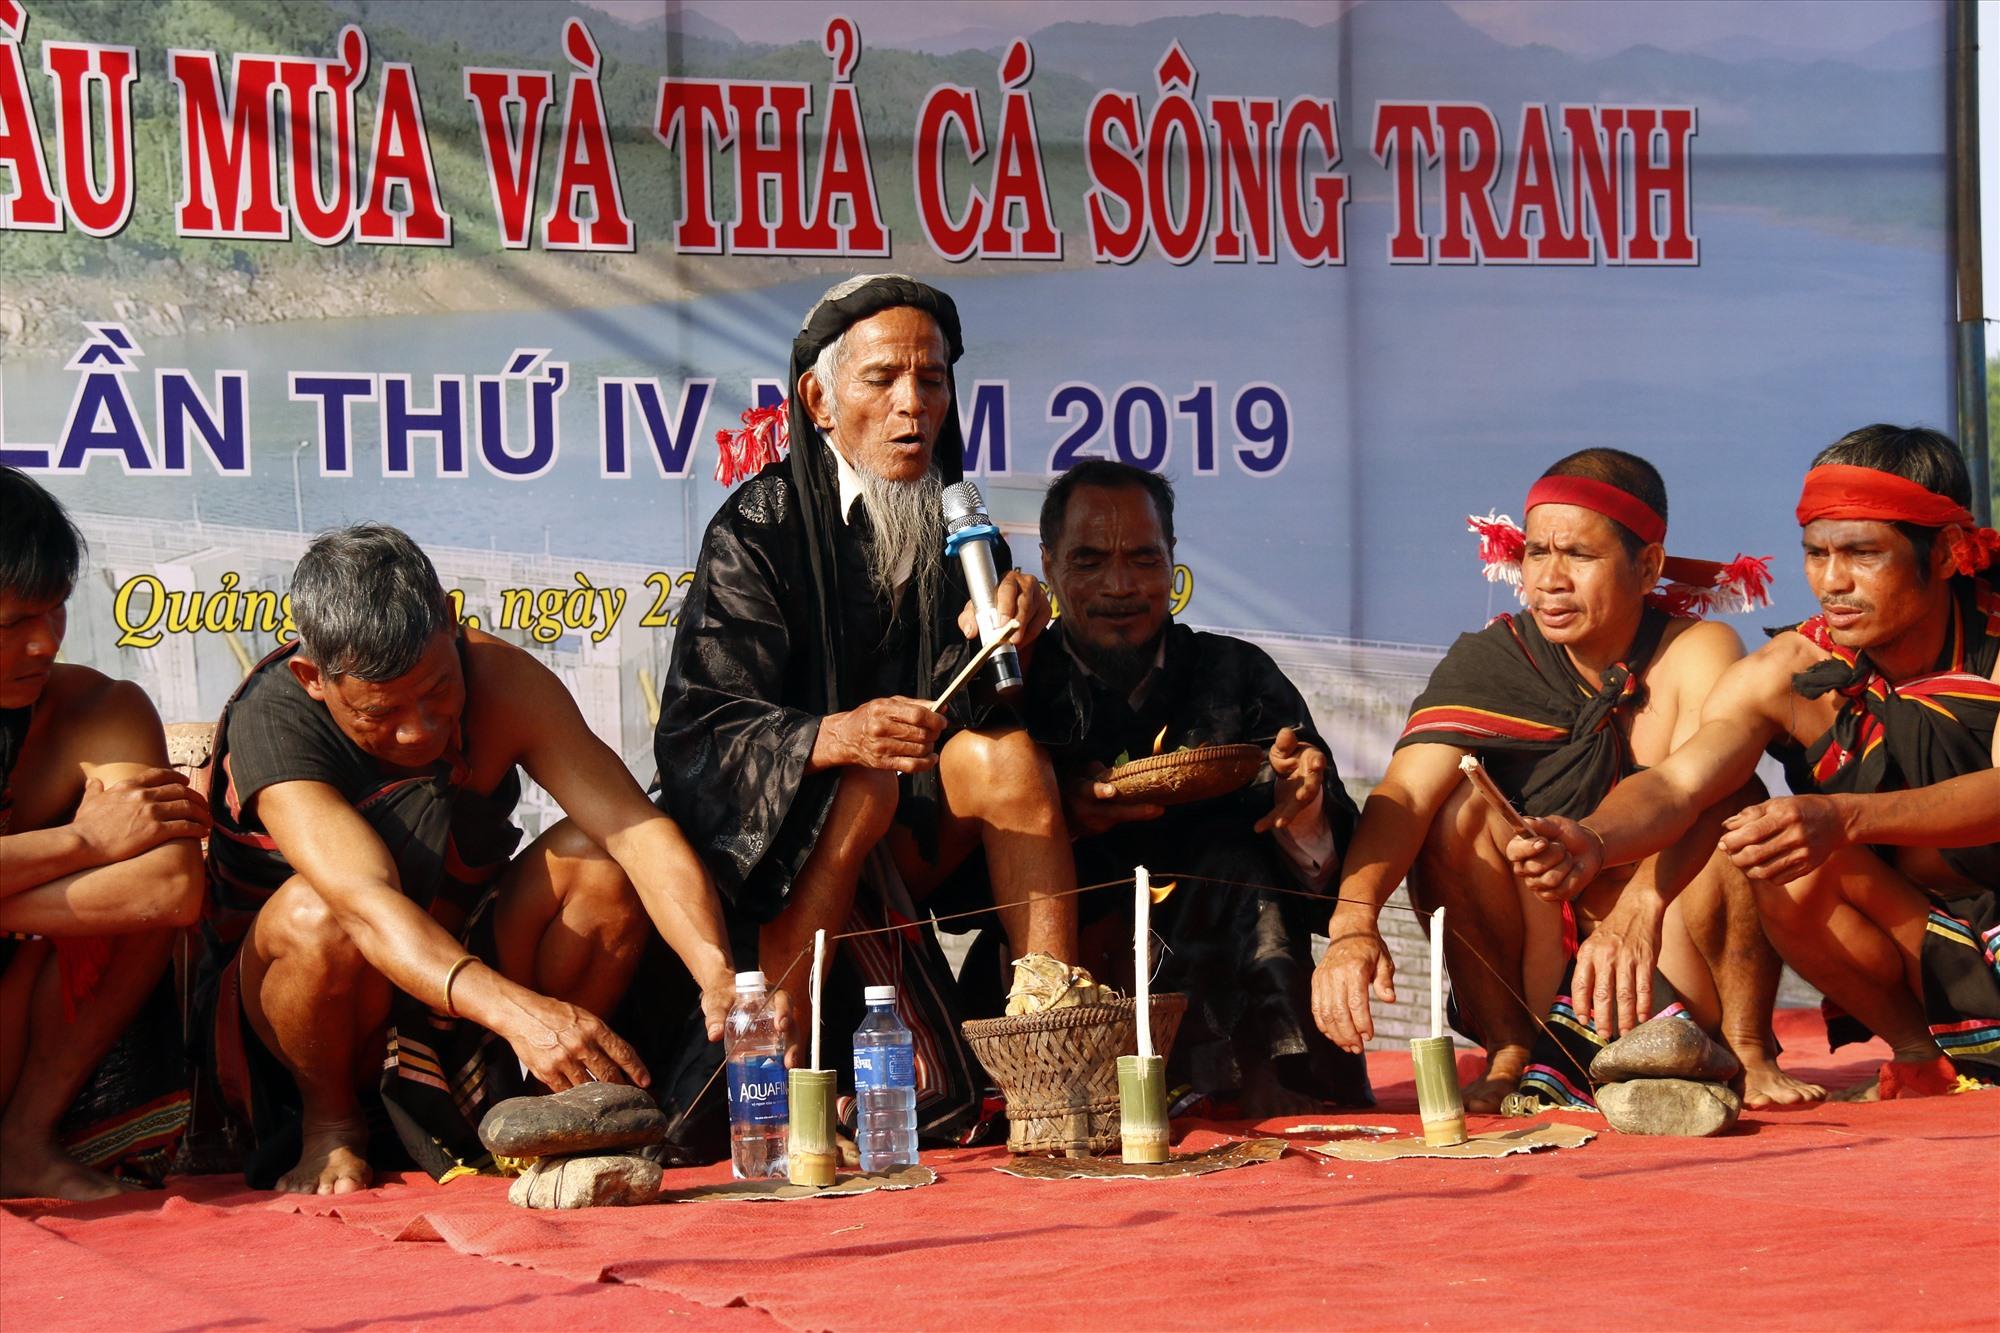 UBND huyện Bắc Trà My tổ chức tái hiện lễ hội cầu mưa truyền thống tại lễ thả cá trên lòng hồ thủy điện Sông Tranh 2 đầu năm 2019. Ảnh: TRÀ MY